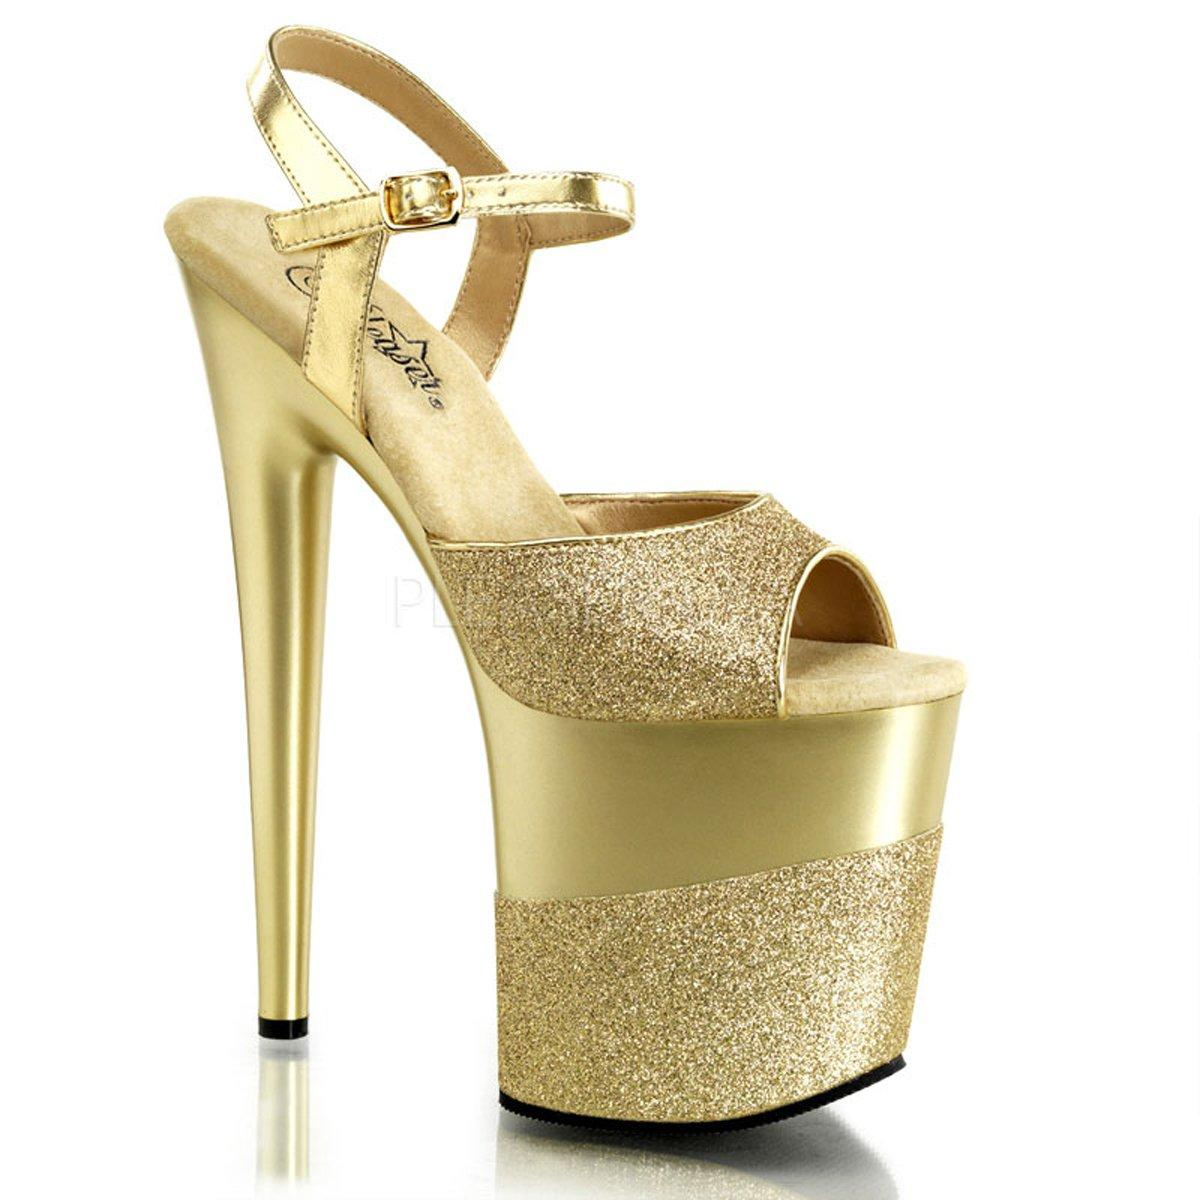 7eace9bb62c FLAMINGO-809-2G Zlaté sandálky na extrémní platformě a jehlách ...